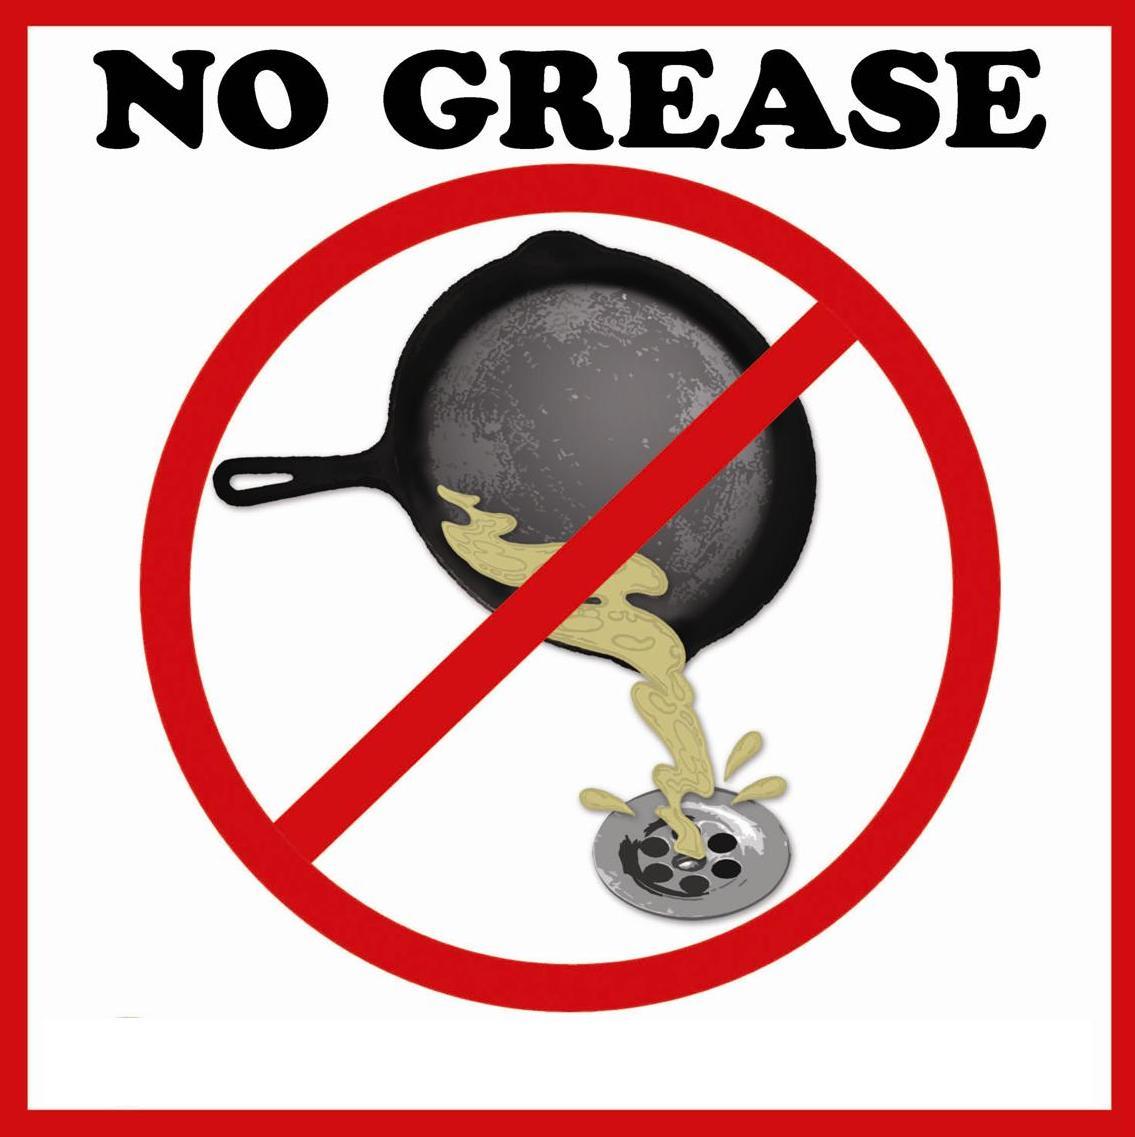 Fats Oils Amp Grease Fog Program Arroyo Grande Ca